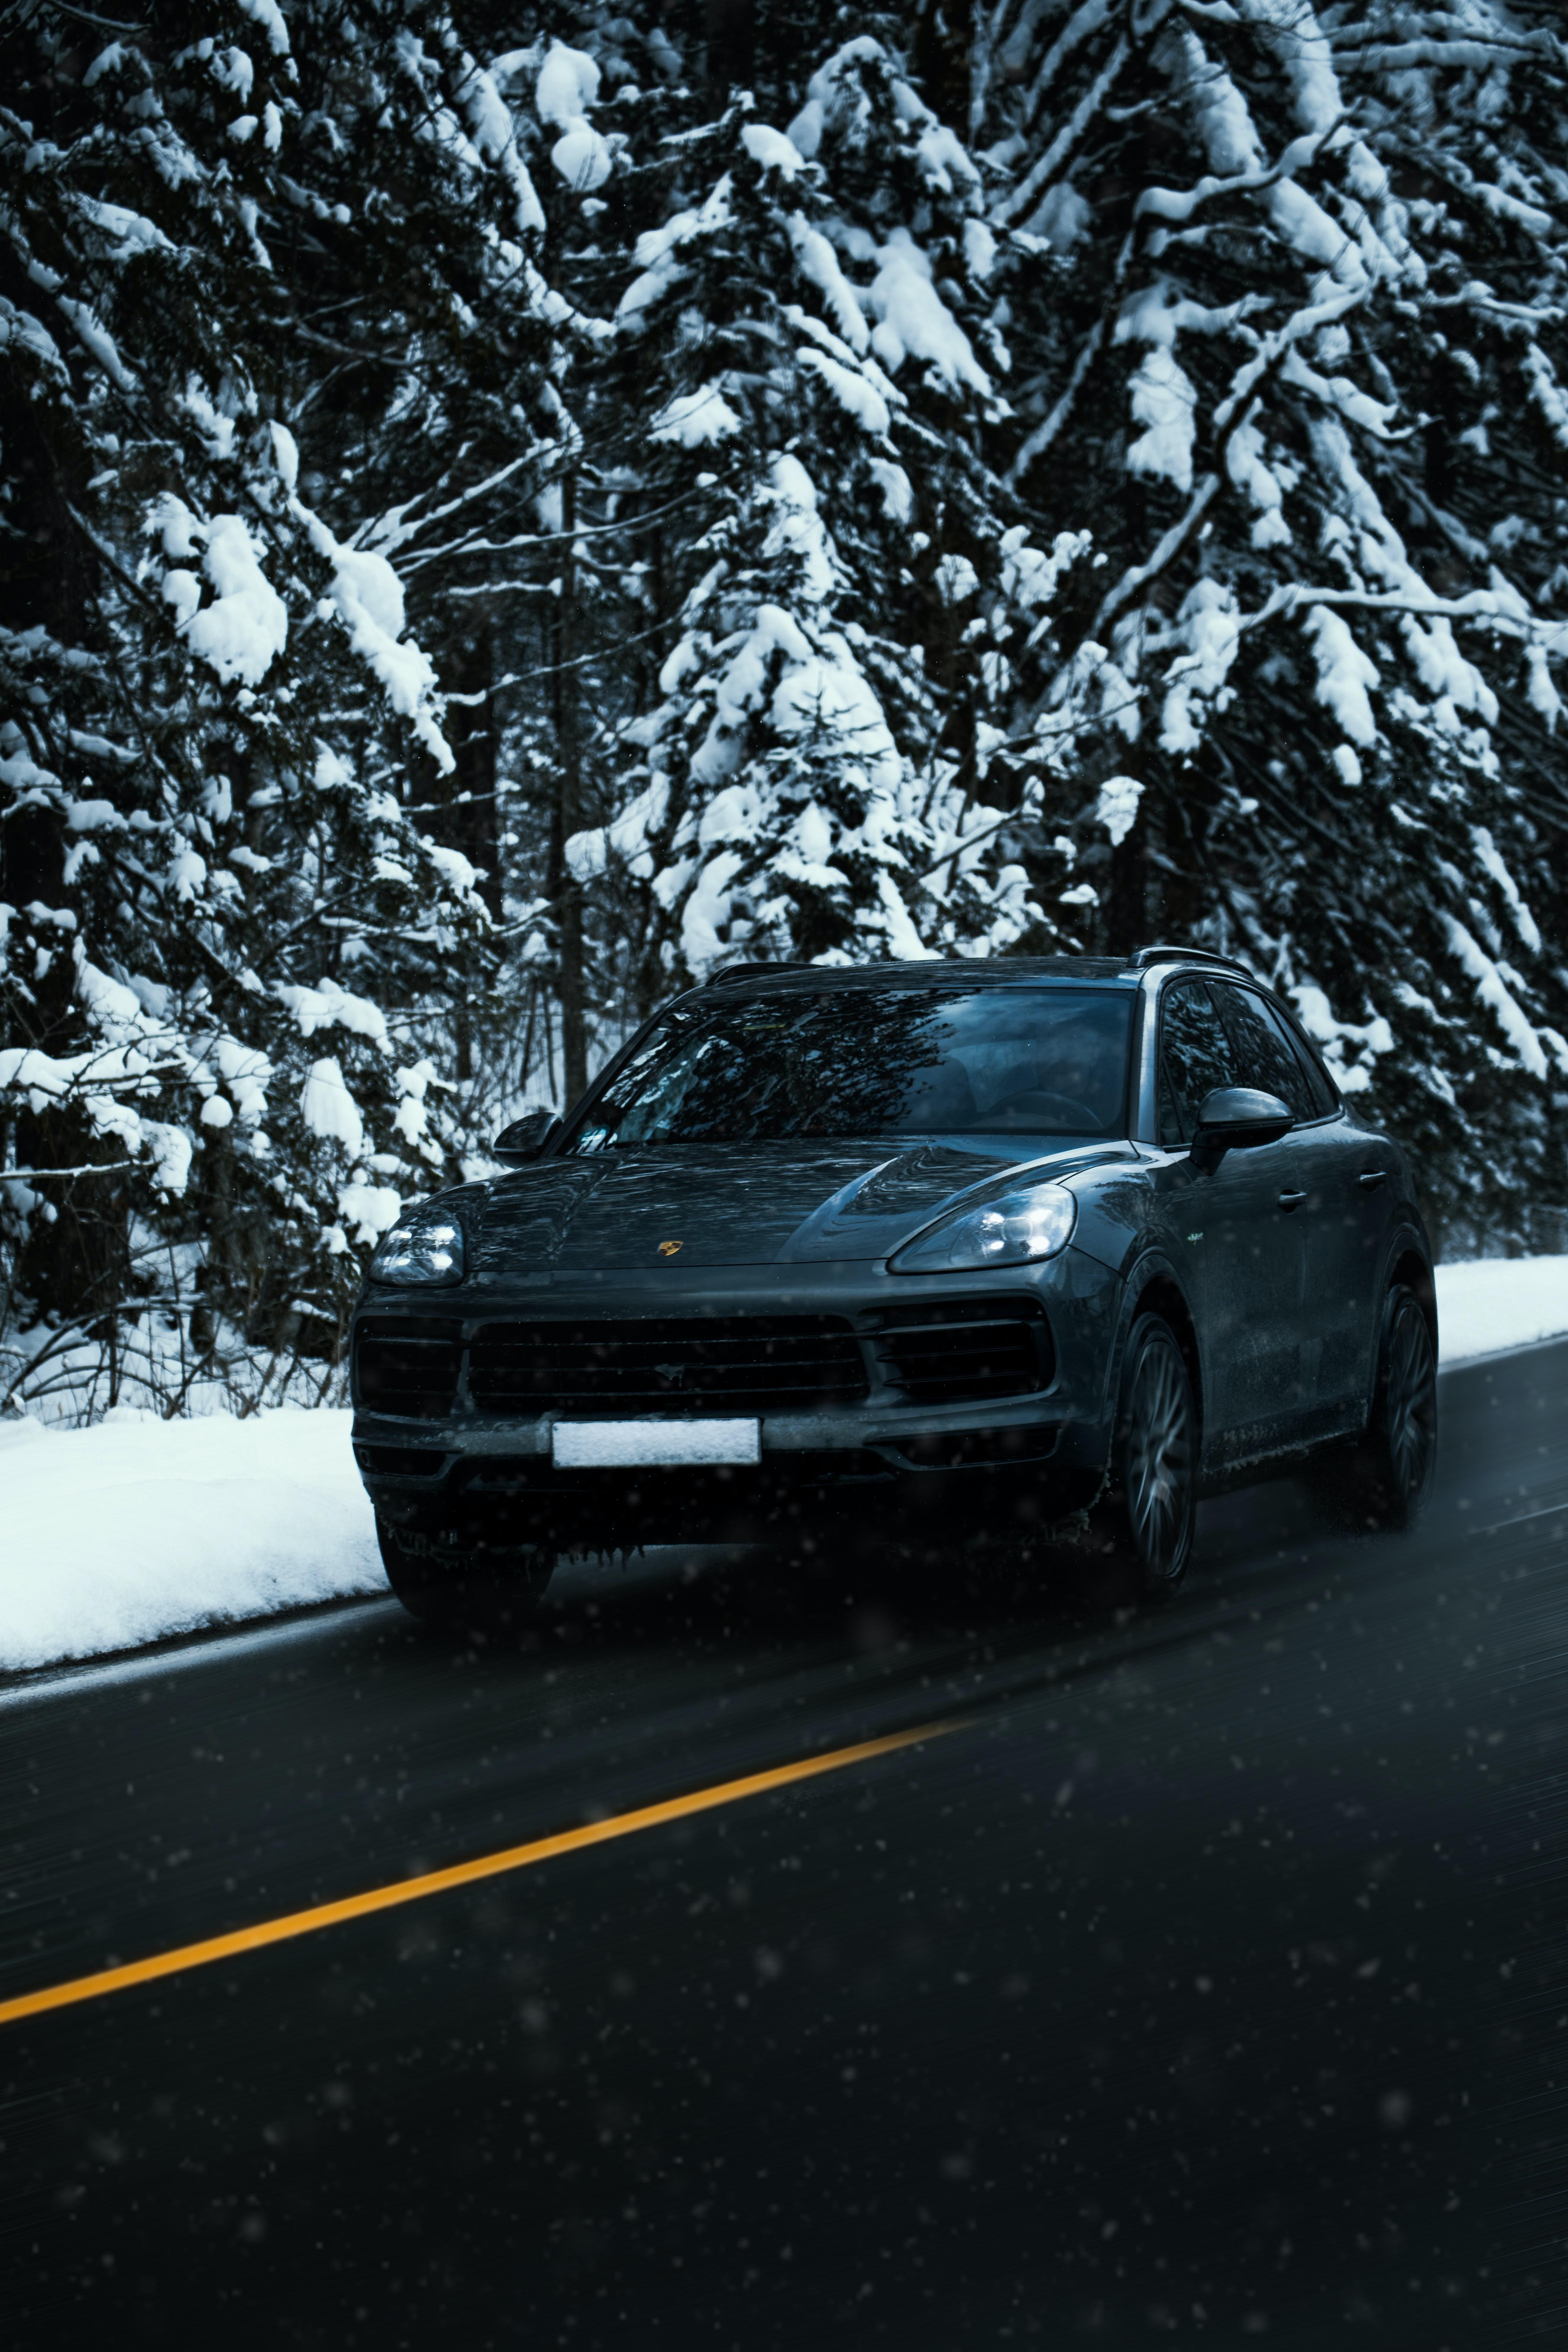 88672 скачать обои Тачки (Cars), Porsche Cayenne, Порш (Porsche), Автомобиль, Черный, Дорога, Снег, Зима - заставки и картинки бесплатно